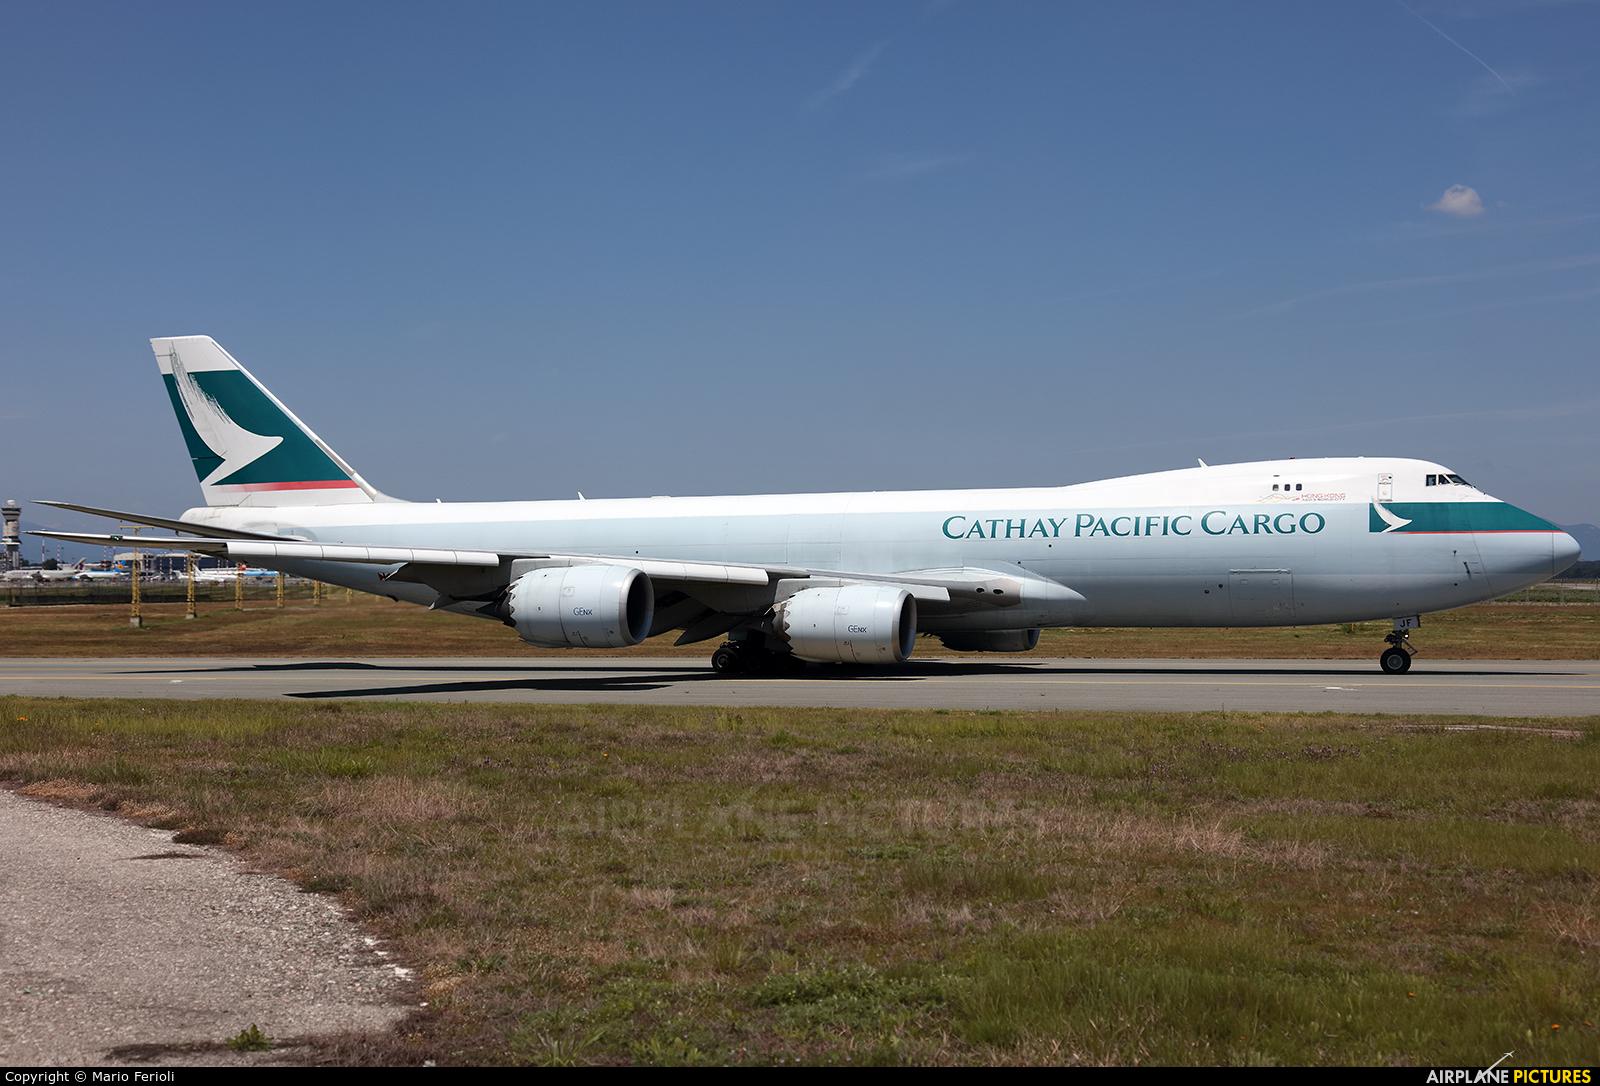 Cathay Pacific Cargo B-LJF aircraft at Milan - Malpensa